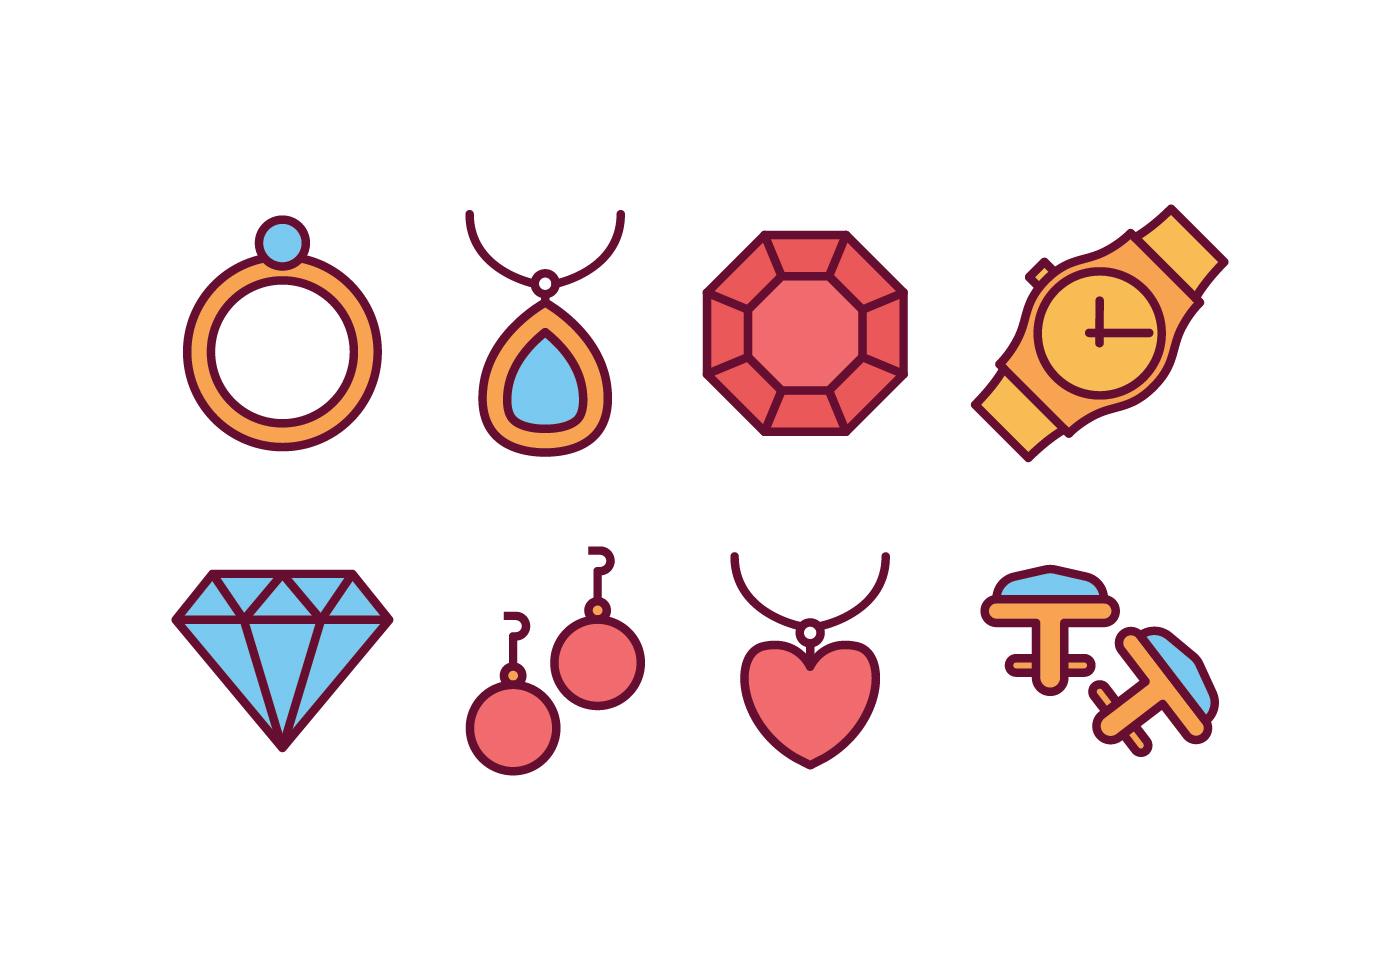 Paquete De Iconos De Joyas Descargue Graficos Y Vectores